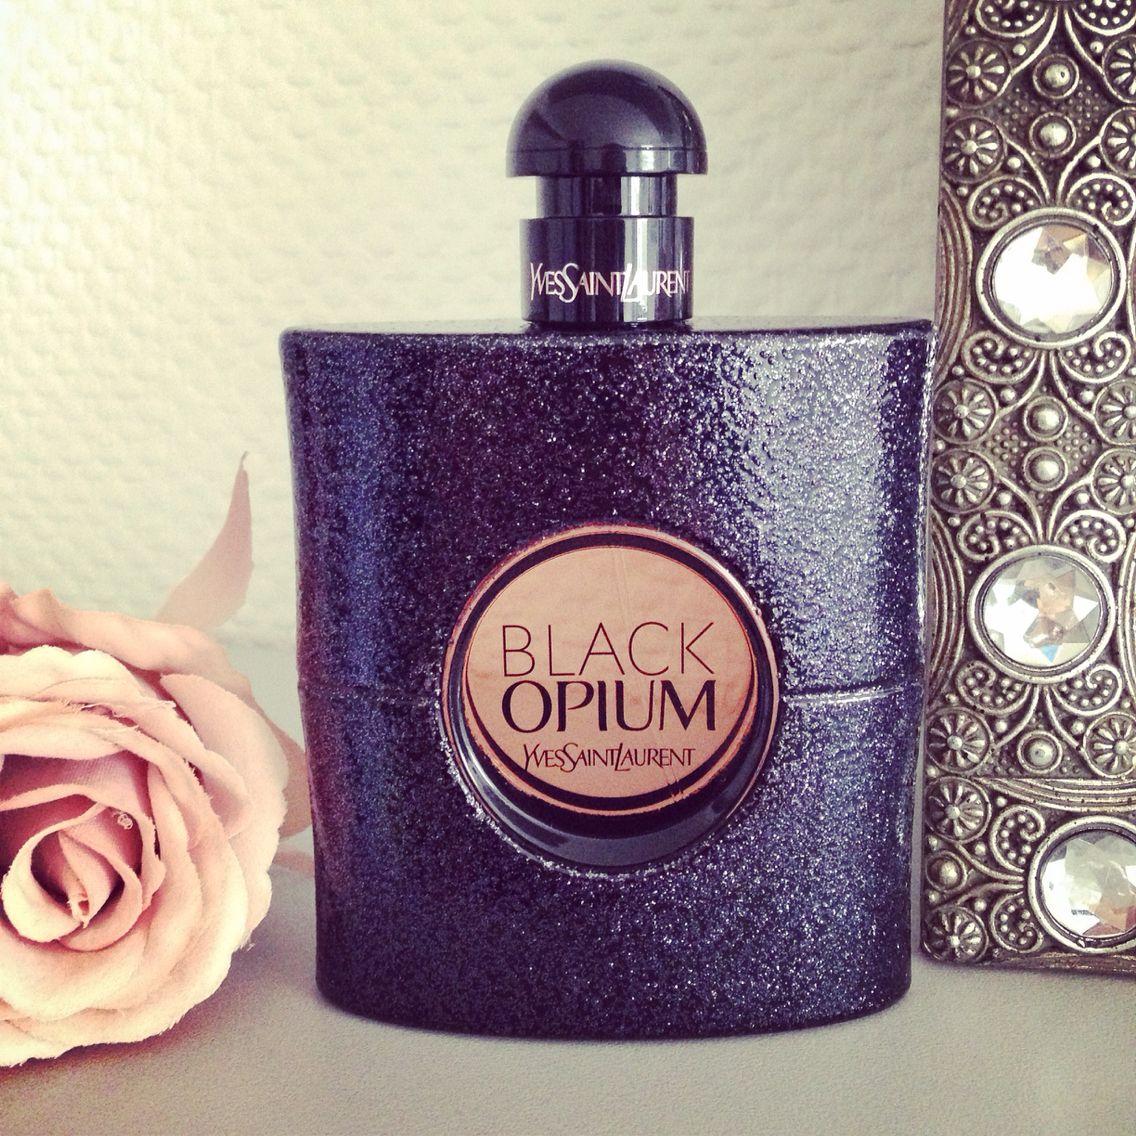 Mon parfum actuel. Un doux mélange sucré et une odeur de café   Perfume, Perfume design, Women perfume